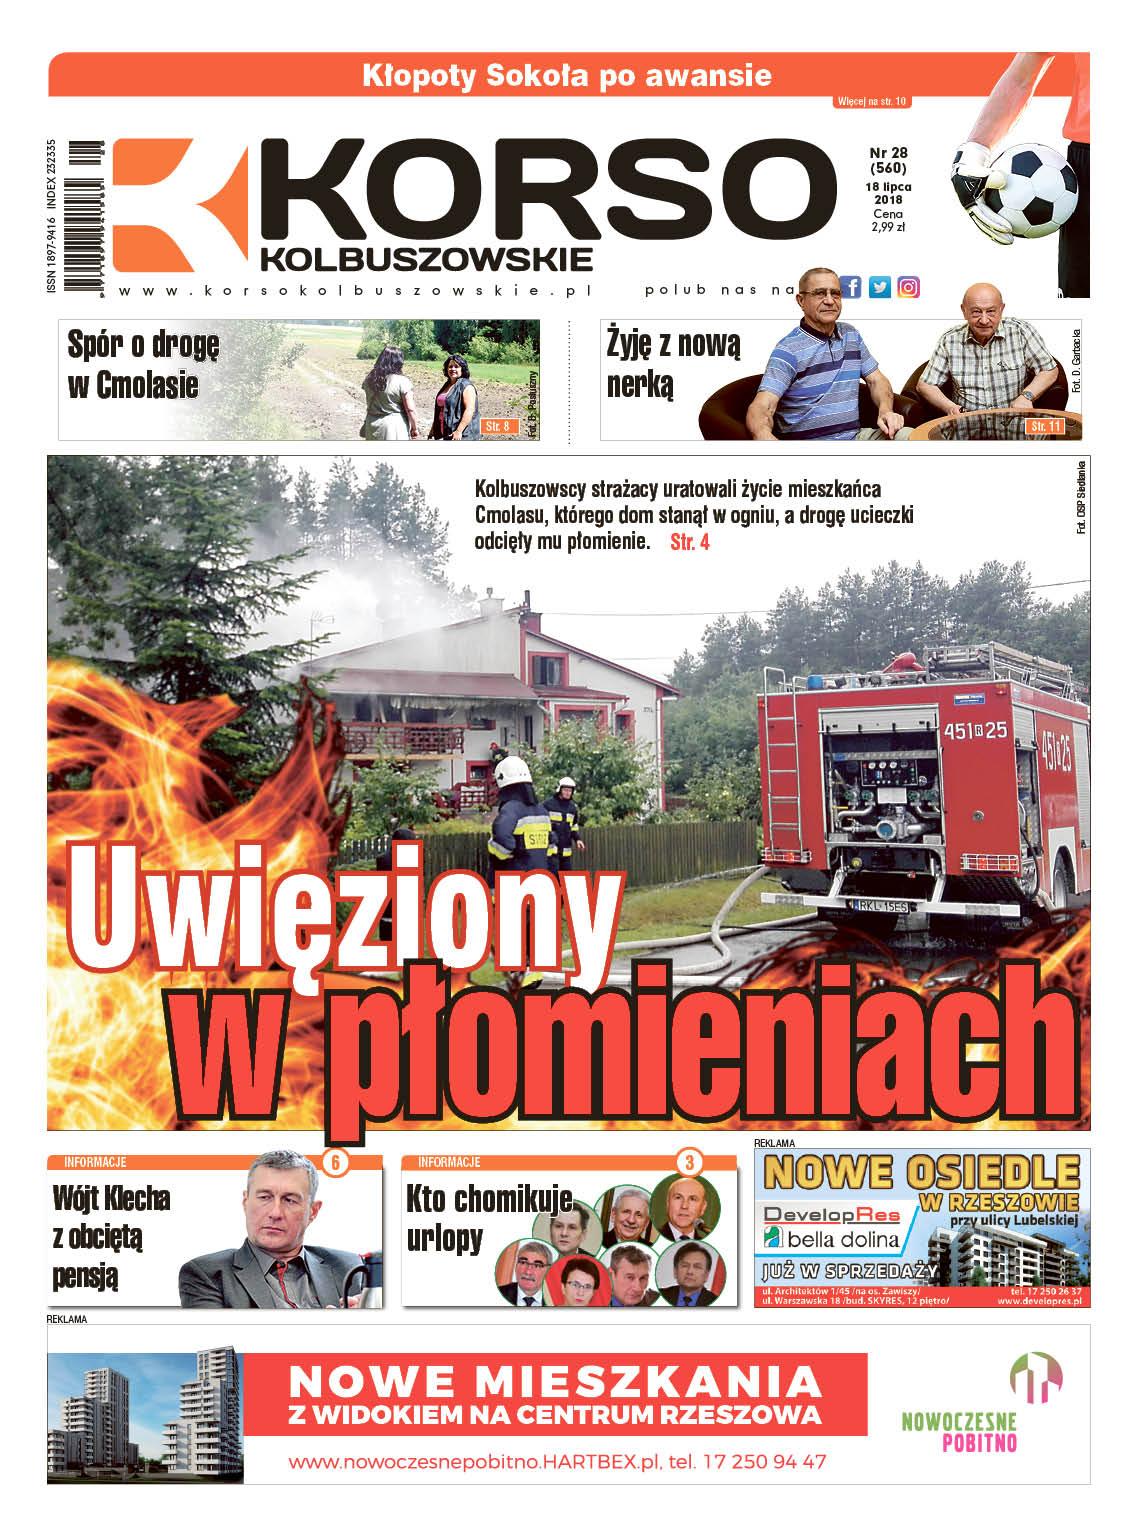 Korso Kolbuszowskie - nr 28/2018 - Zdjęcie główne